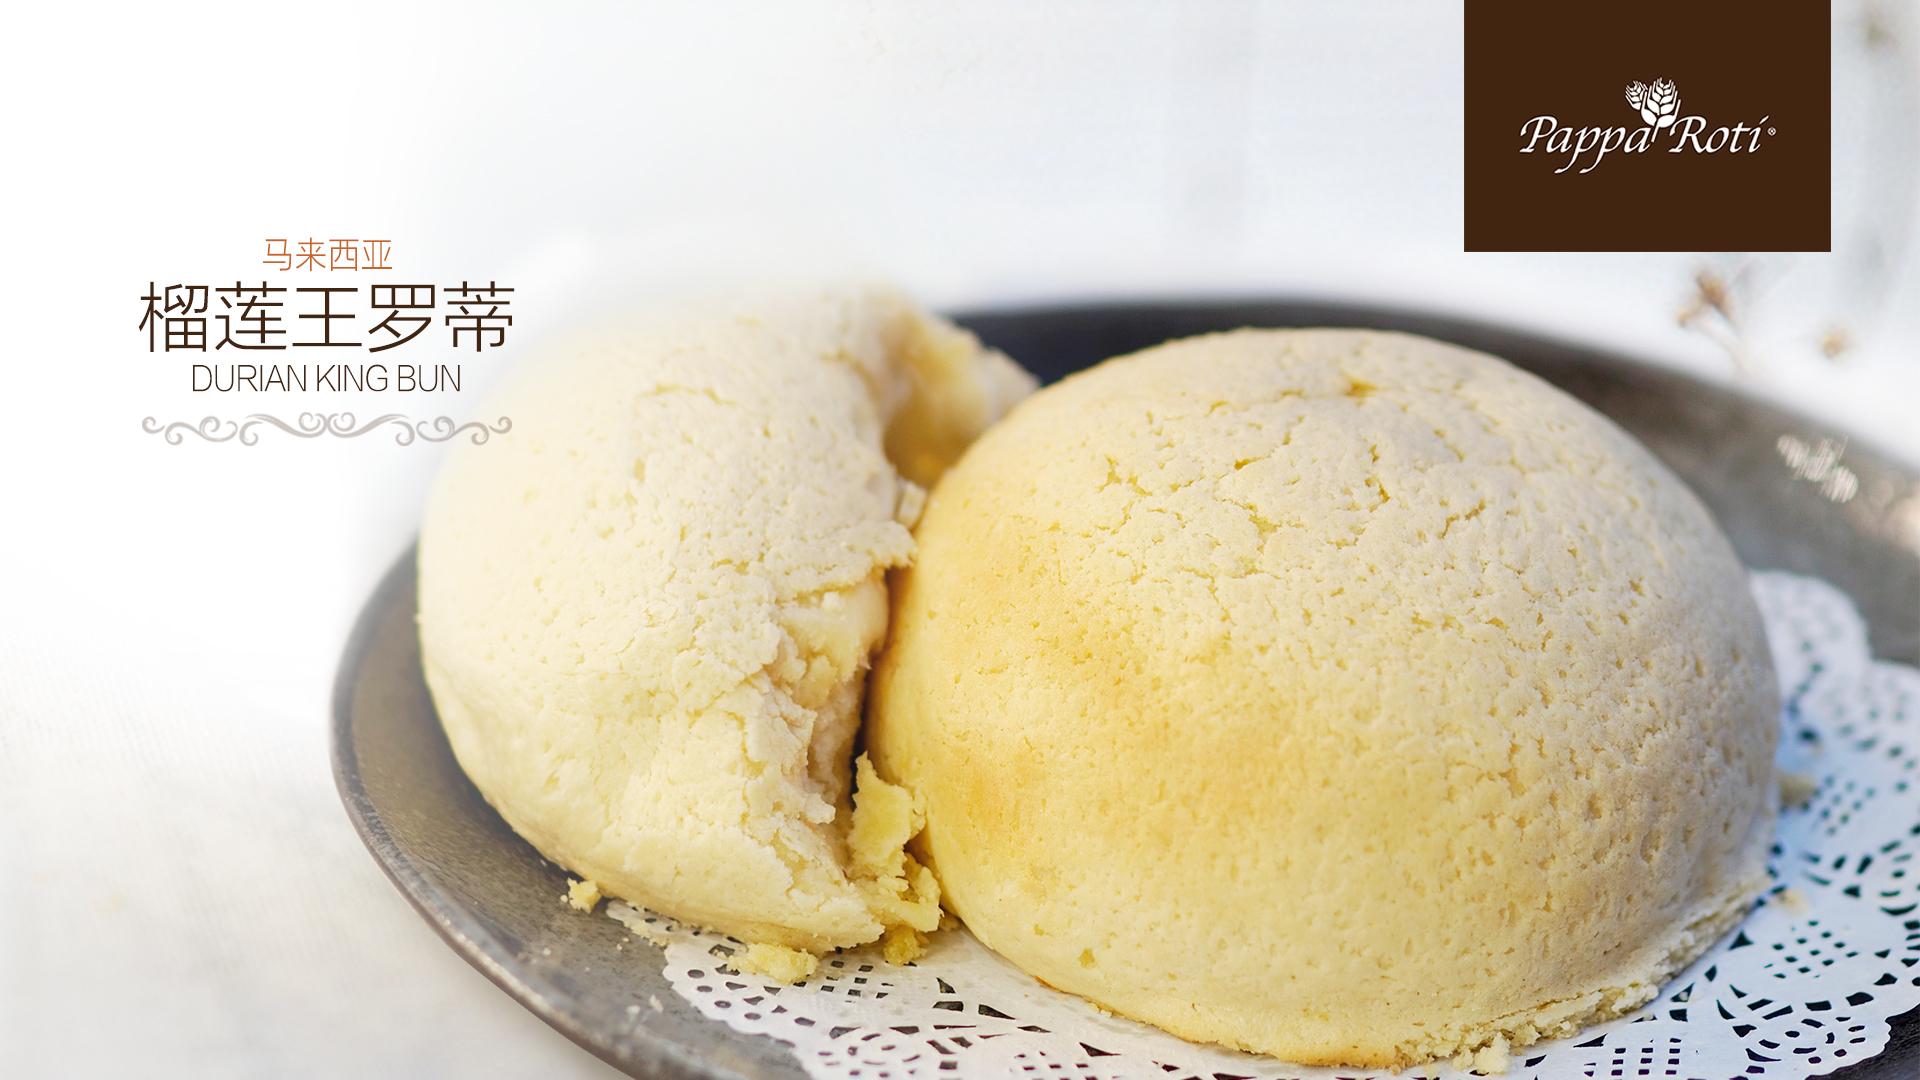 帕帕罗蒂手工面包加盟,低成本创业!